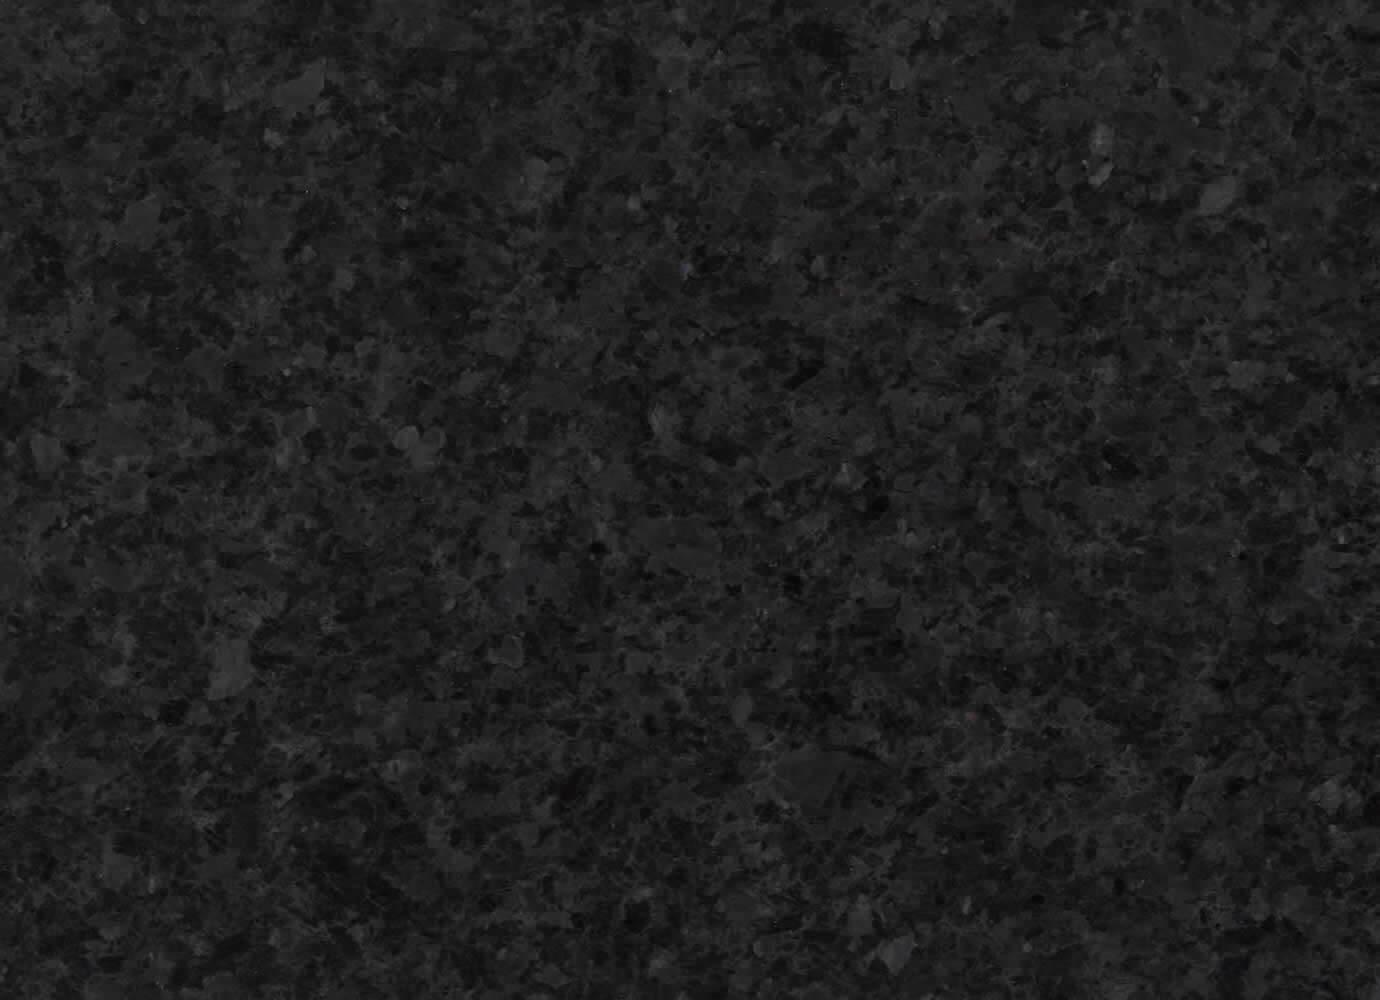 Angola Black granit